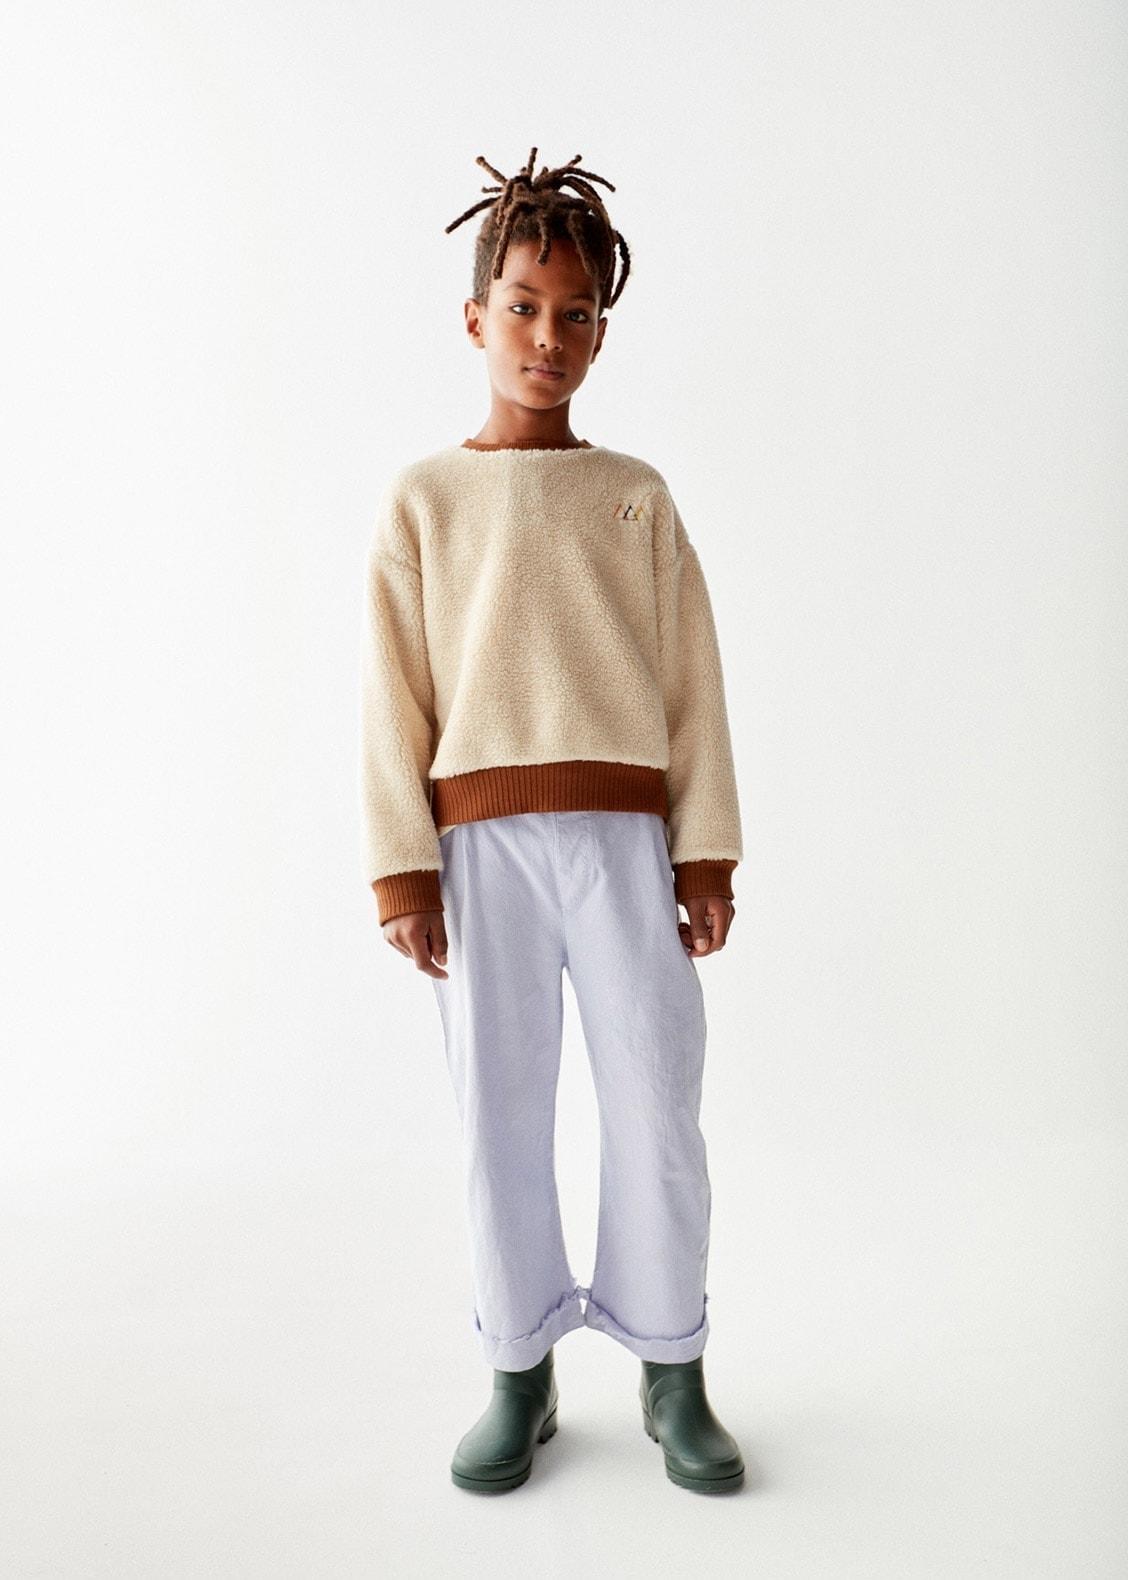 Teddy-sweatshirt-kid-II